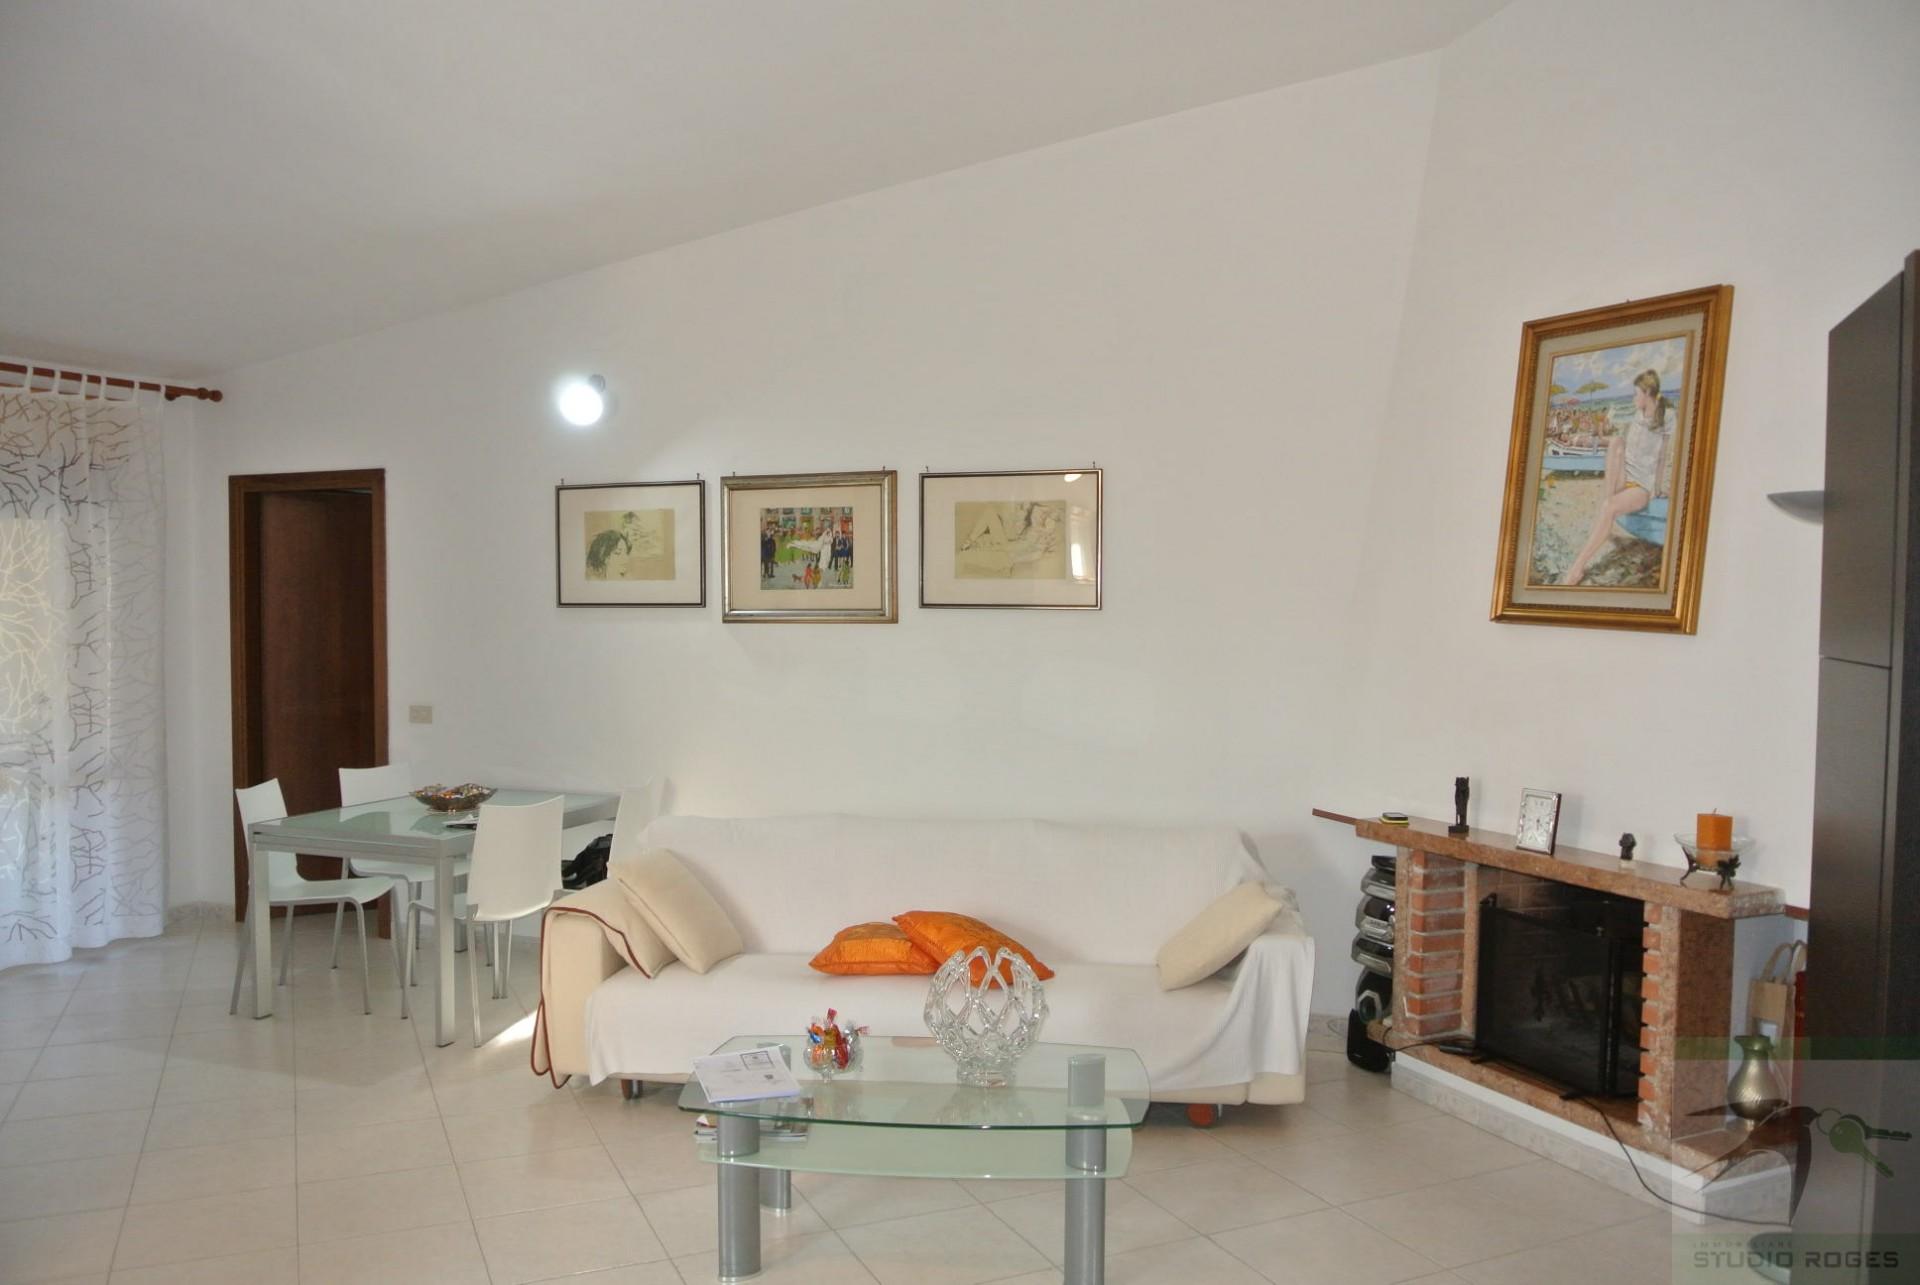 Appartamento in Vendita 115,17 mq - N. camere: 4 - - Mendicino - Tivolille-SanPaolo-Candelise (CS)